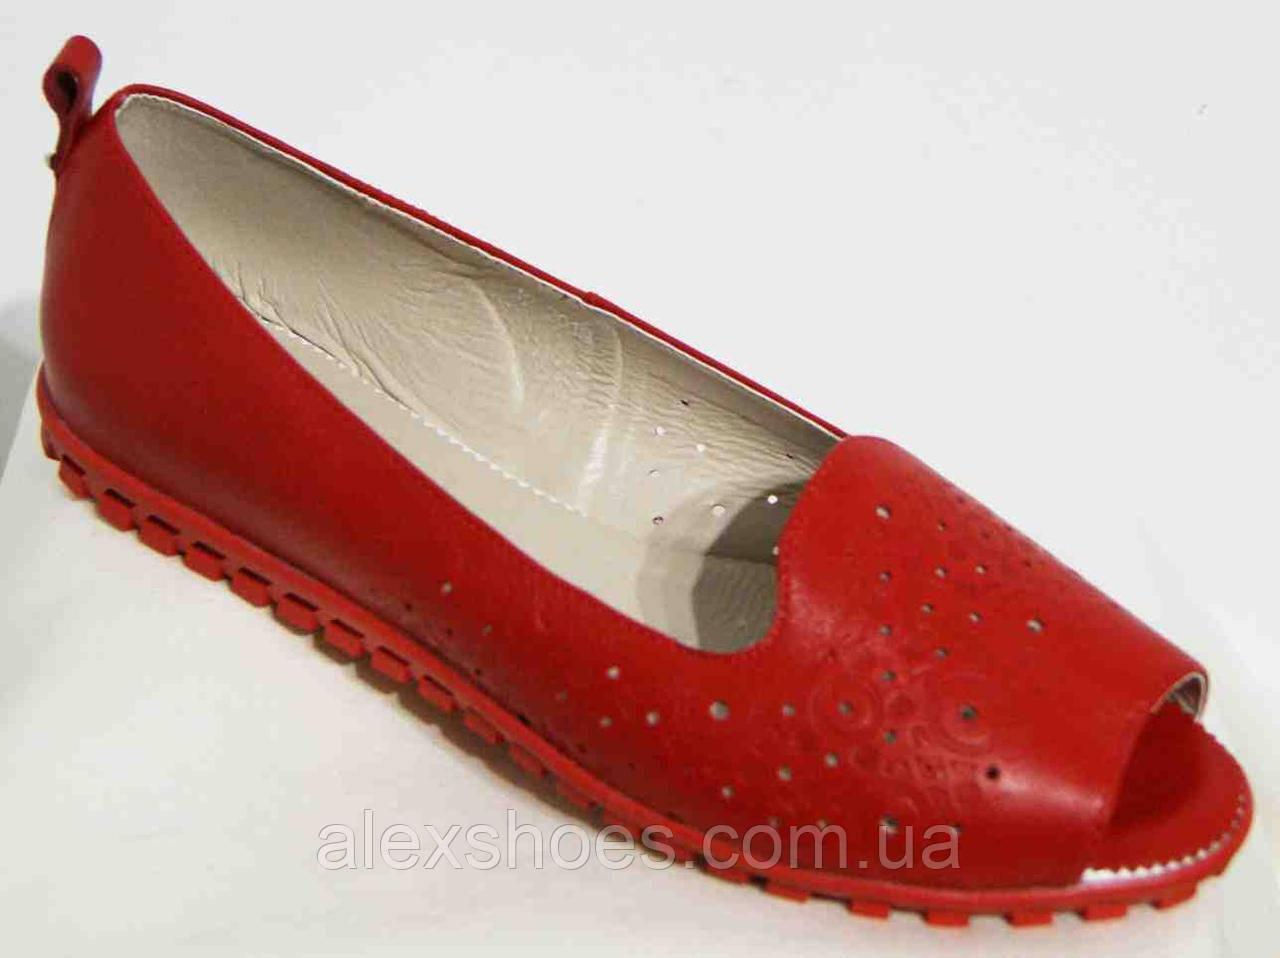 Балетки женские большого размера из натуральной кожи красного цвета от производителя модель В5106-16